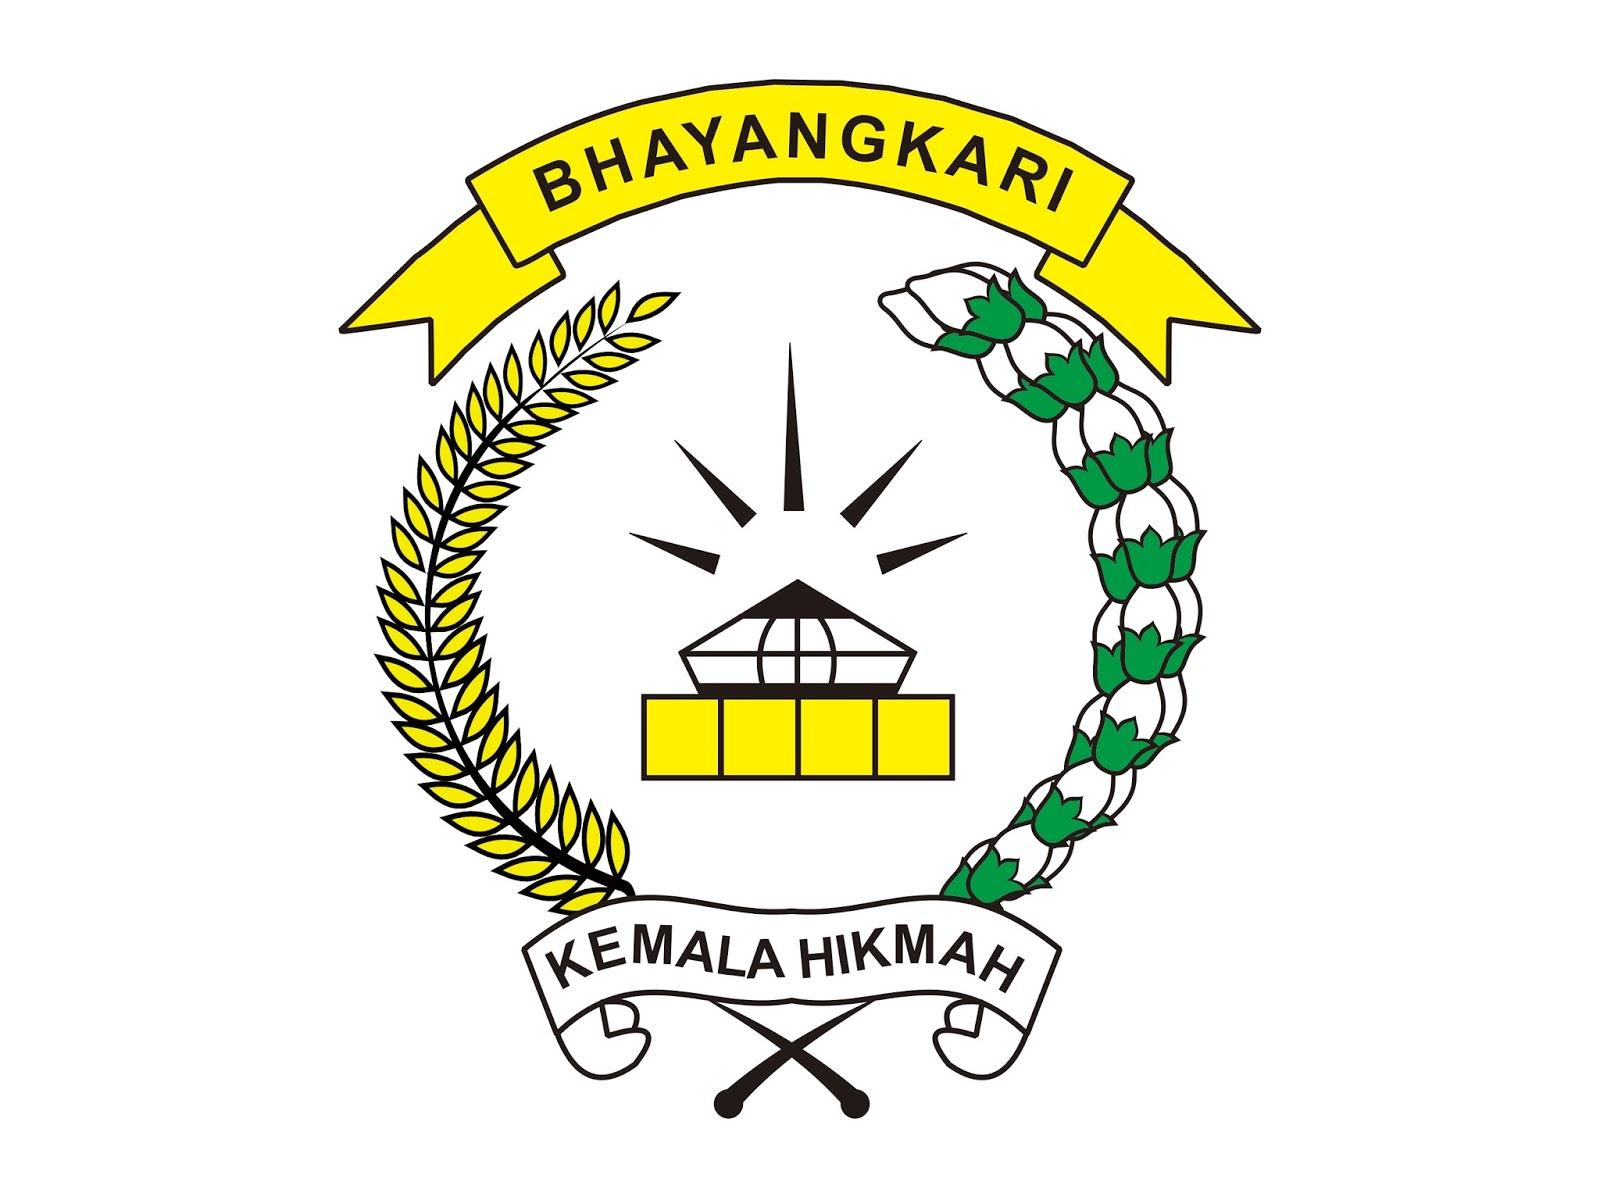 Logo Bhayangkari Vector Cdr Png Hd Gudril Tempat Gambar